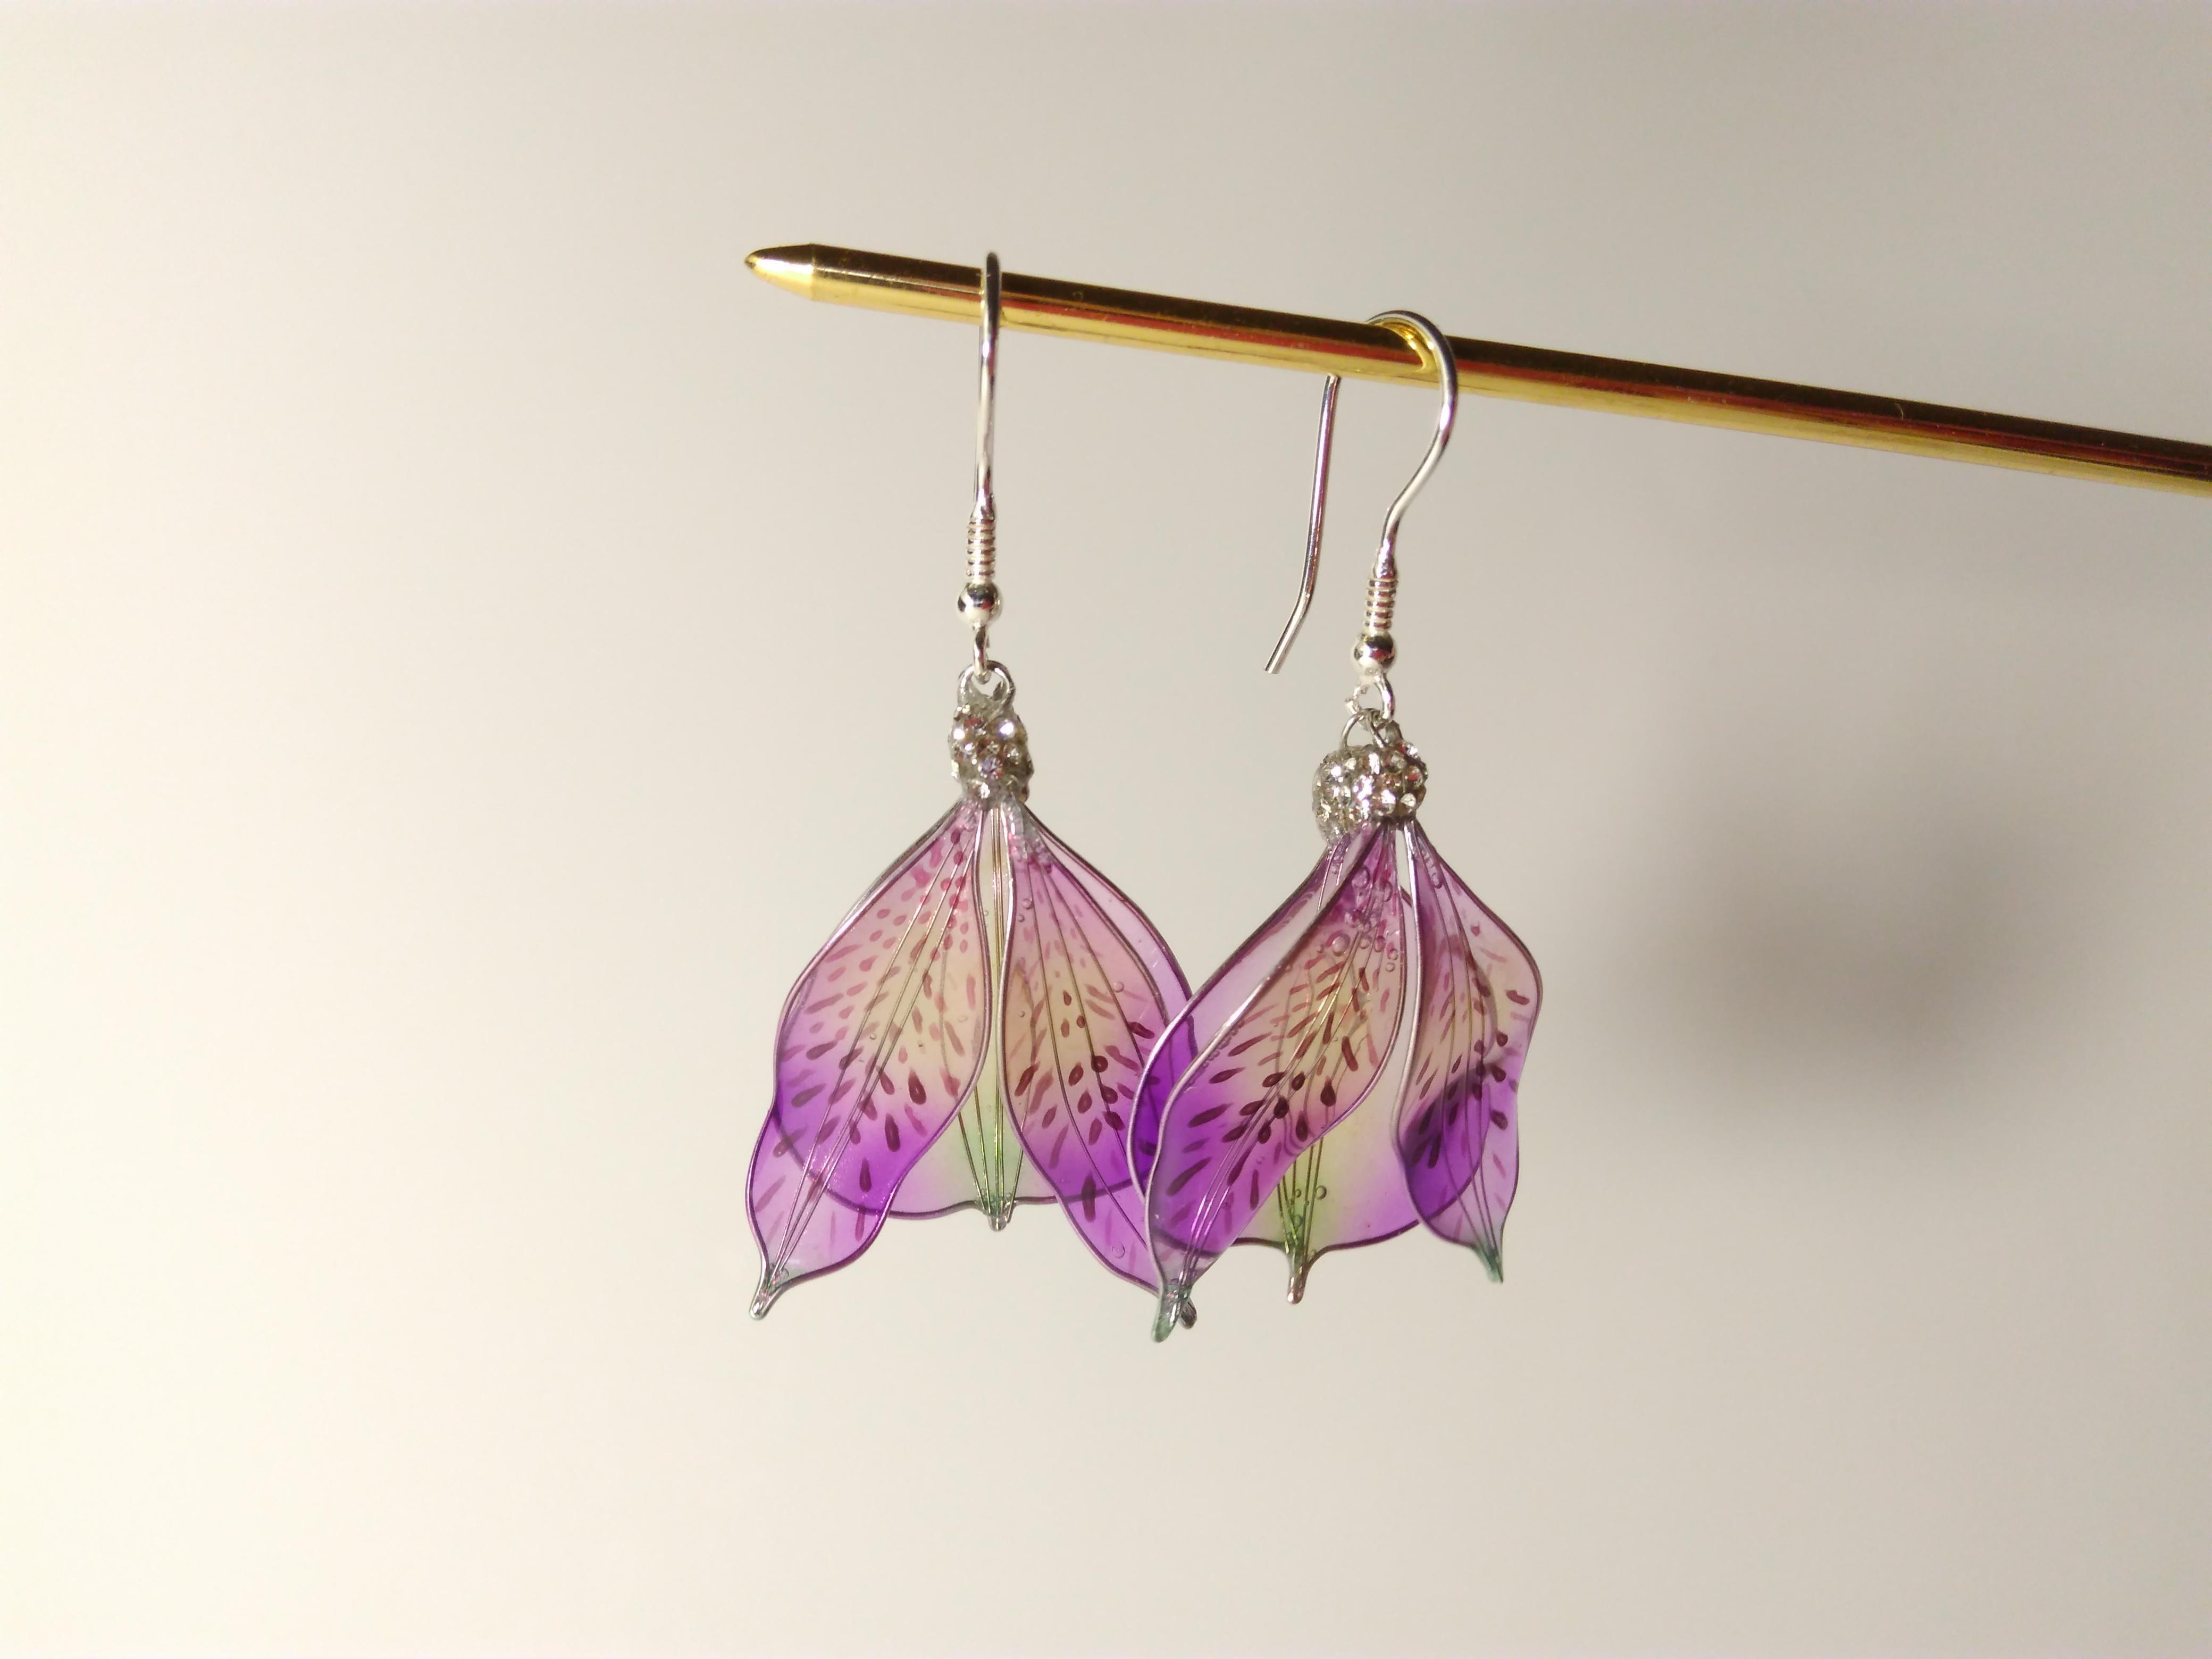 Purple Alstroemeria Flower Earrings I Made From Wire And Resin Etsy Handmade Earrings Flower Earrings Earrings